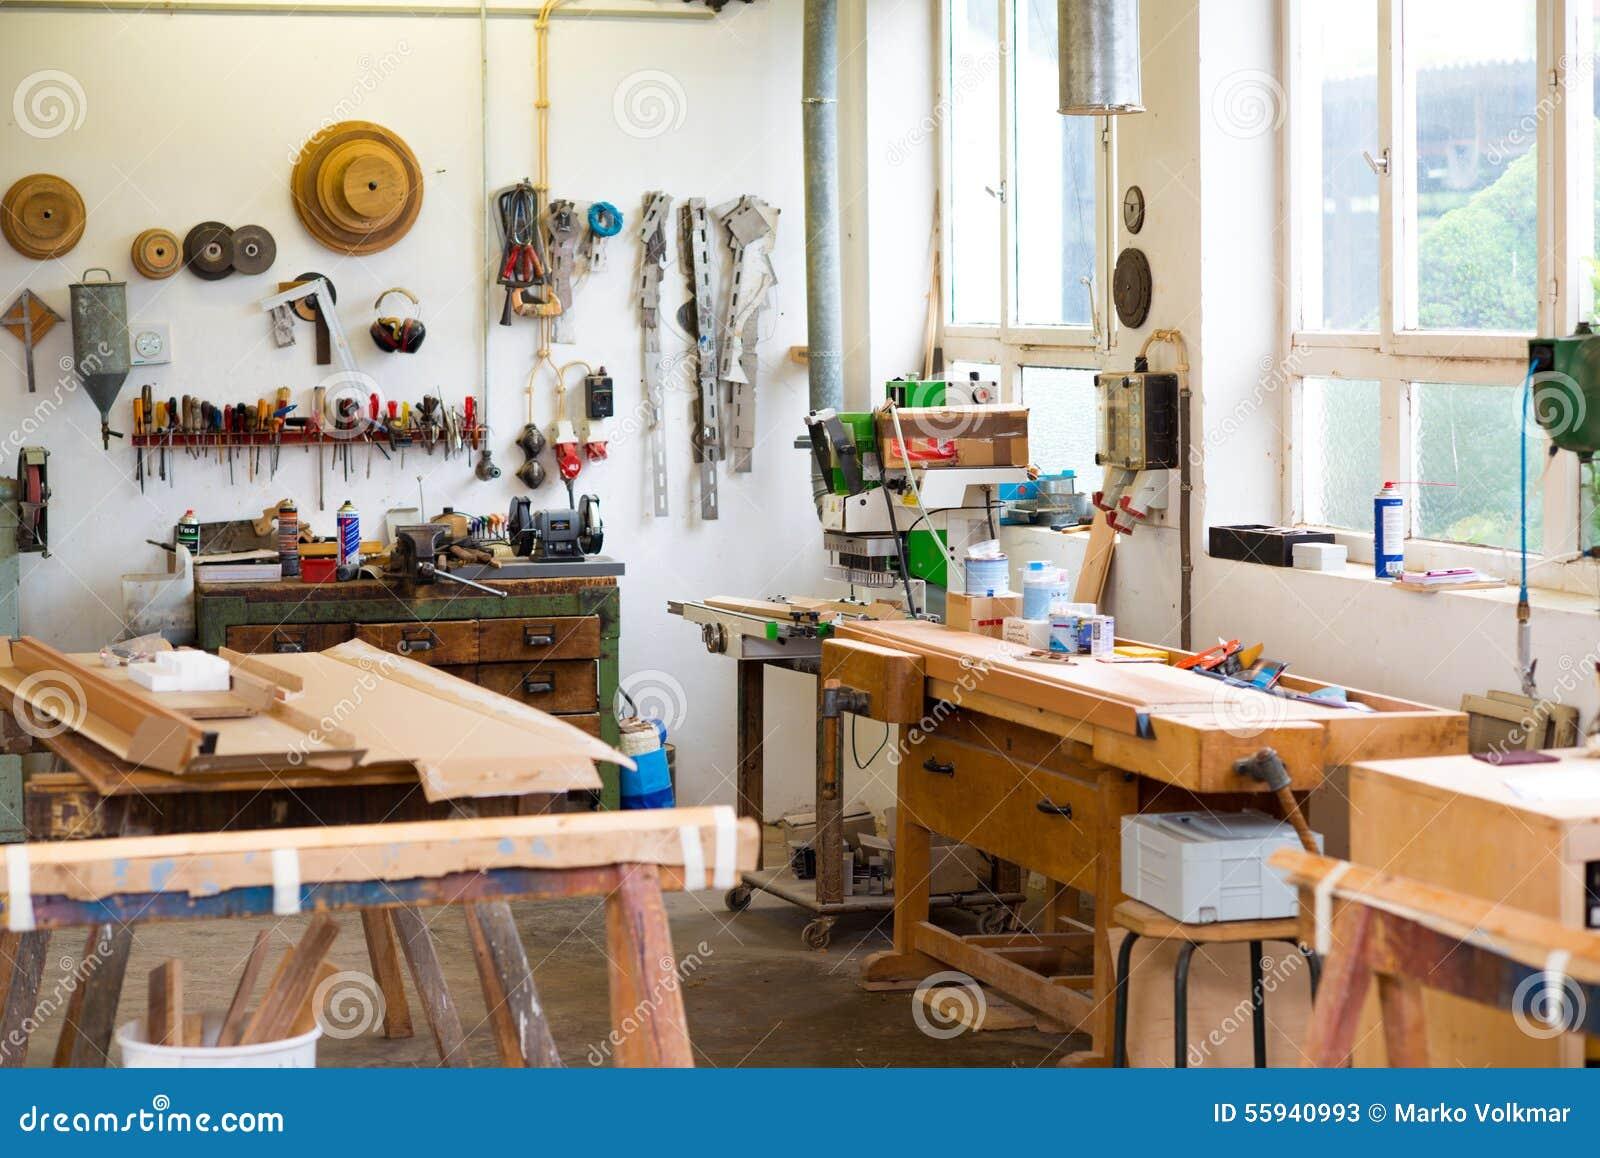 Banc De Travail Avec Des Outils Dans Latelier Du Charpentier Image